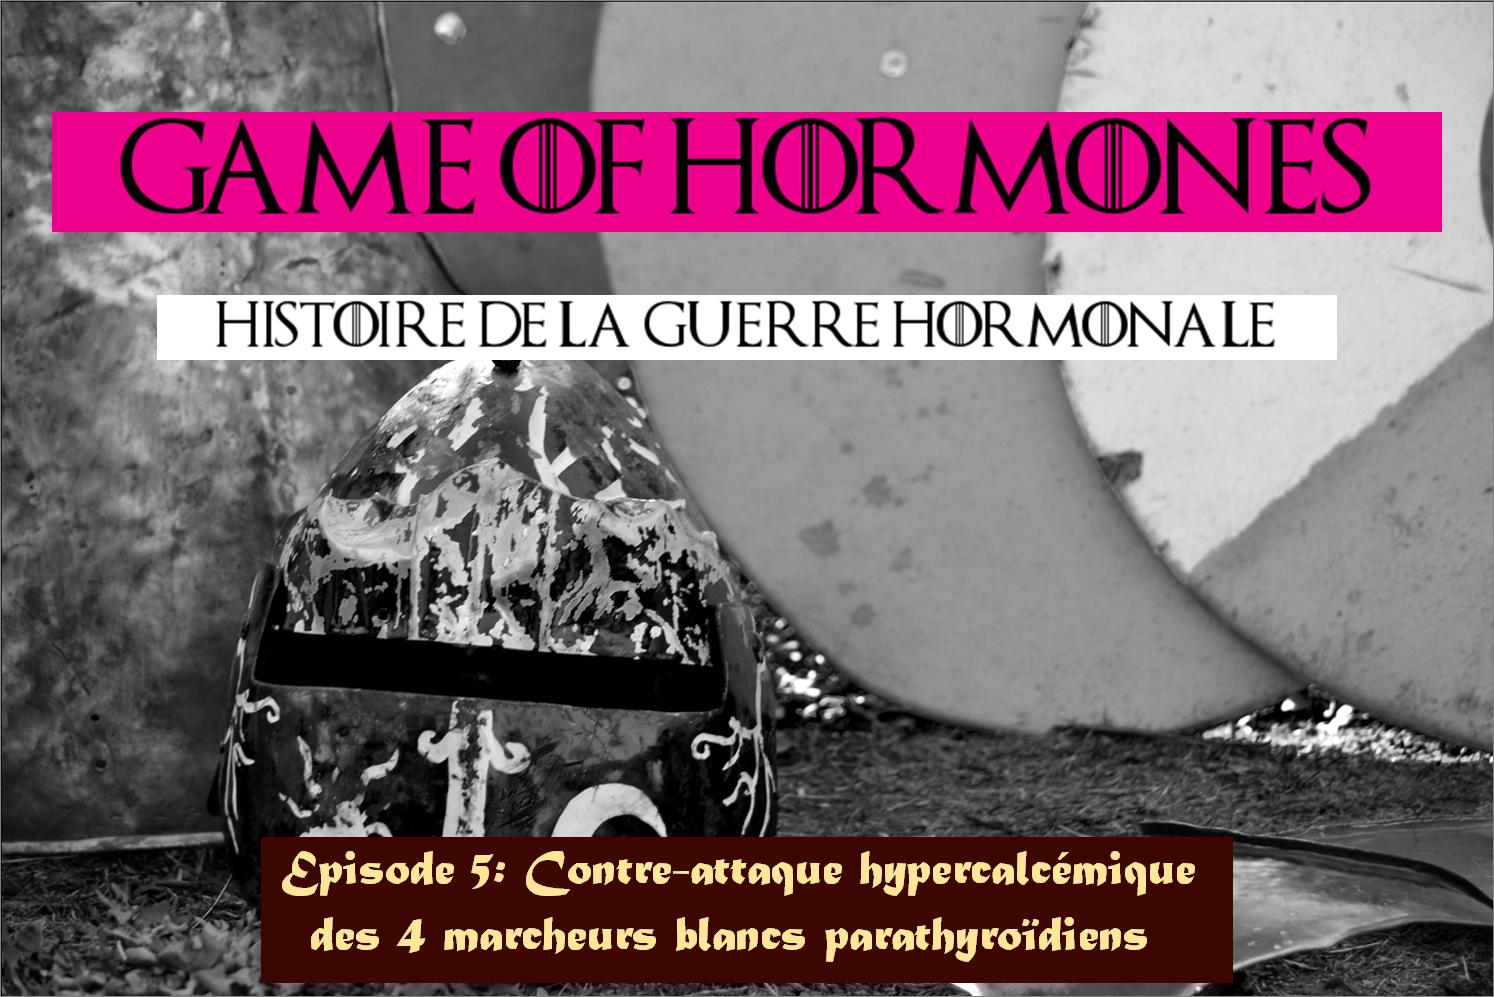 Game of Hormones 5: Contre-attaque hypercalcémique des 4 marcheurs blancs parathyroidiens